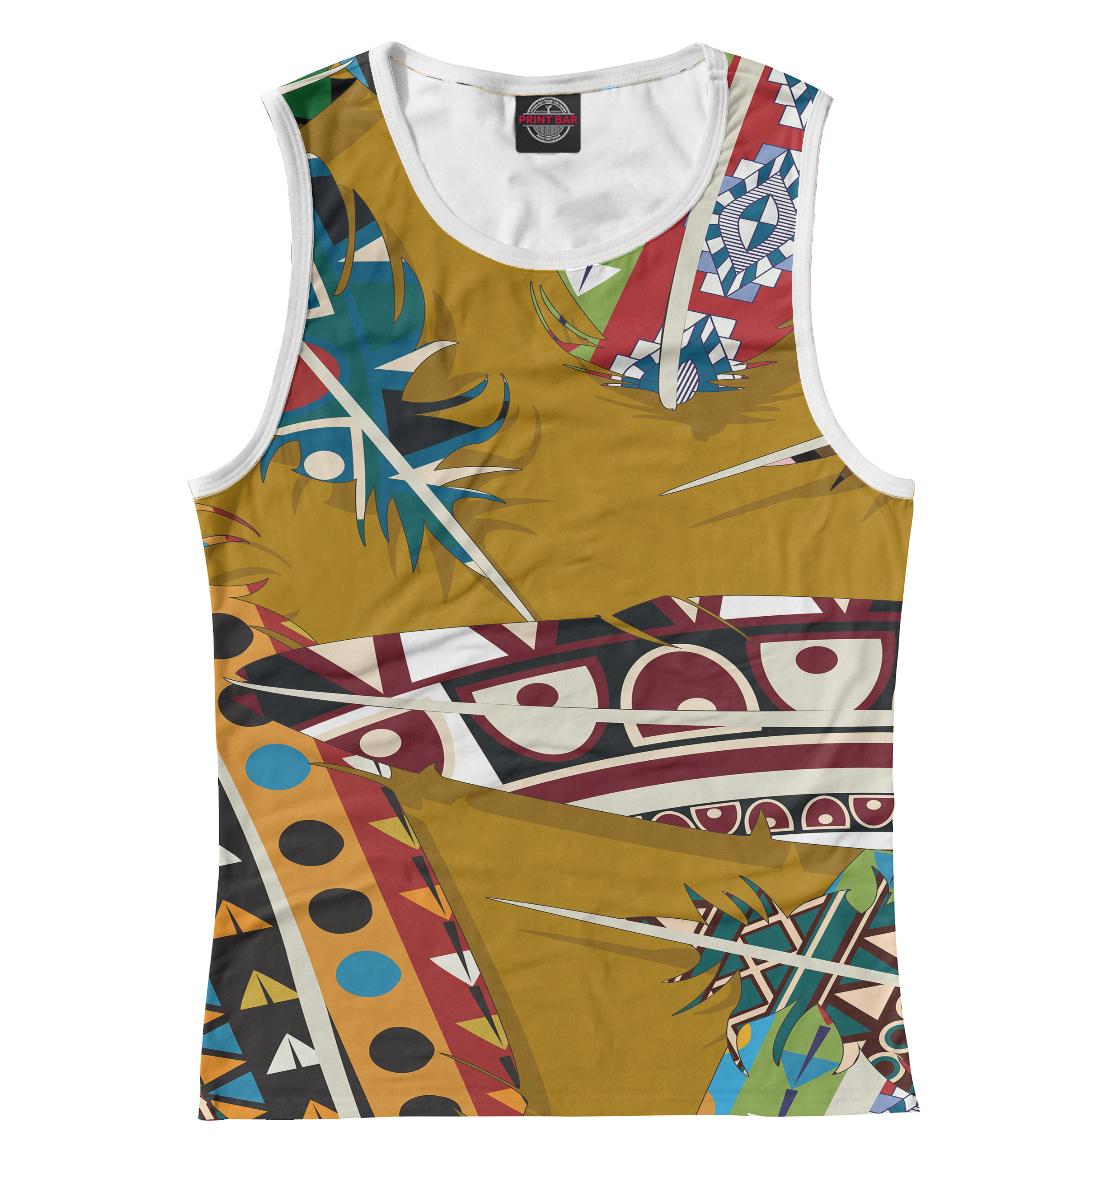 Купить Африканский стиль, Printbar, Майки, BCH-268265-may-1